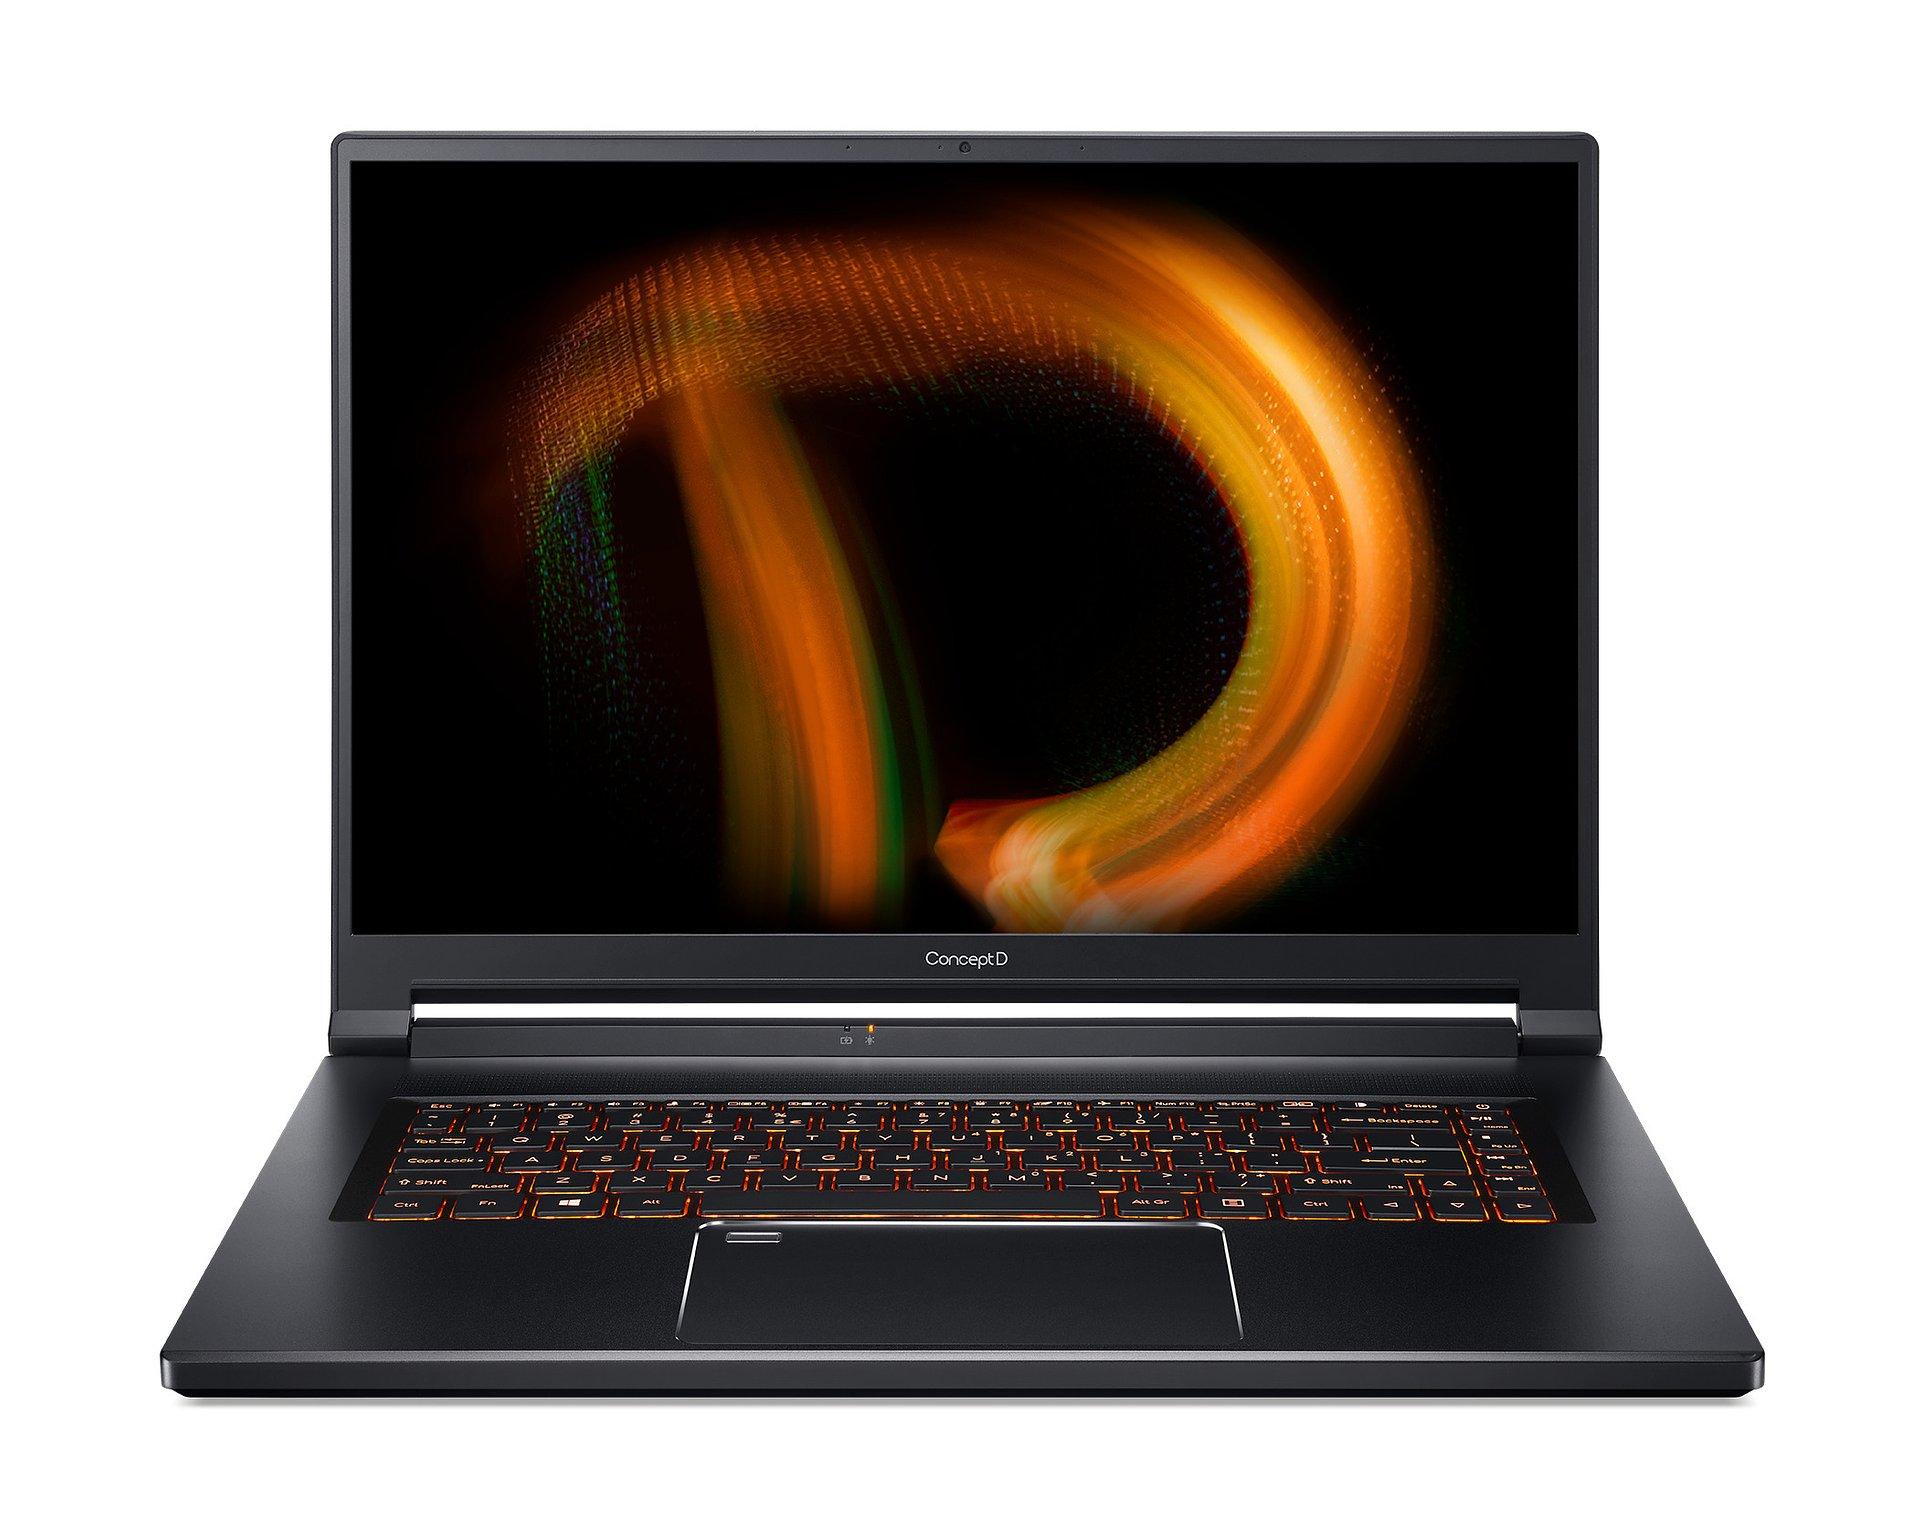 Acer prezentuje rewolucyjną technologię SpatialLabs. Dzięki niej zobaczymy modele 3D bez okularów!